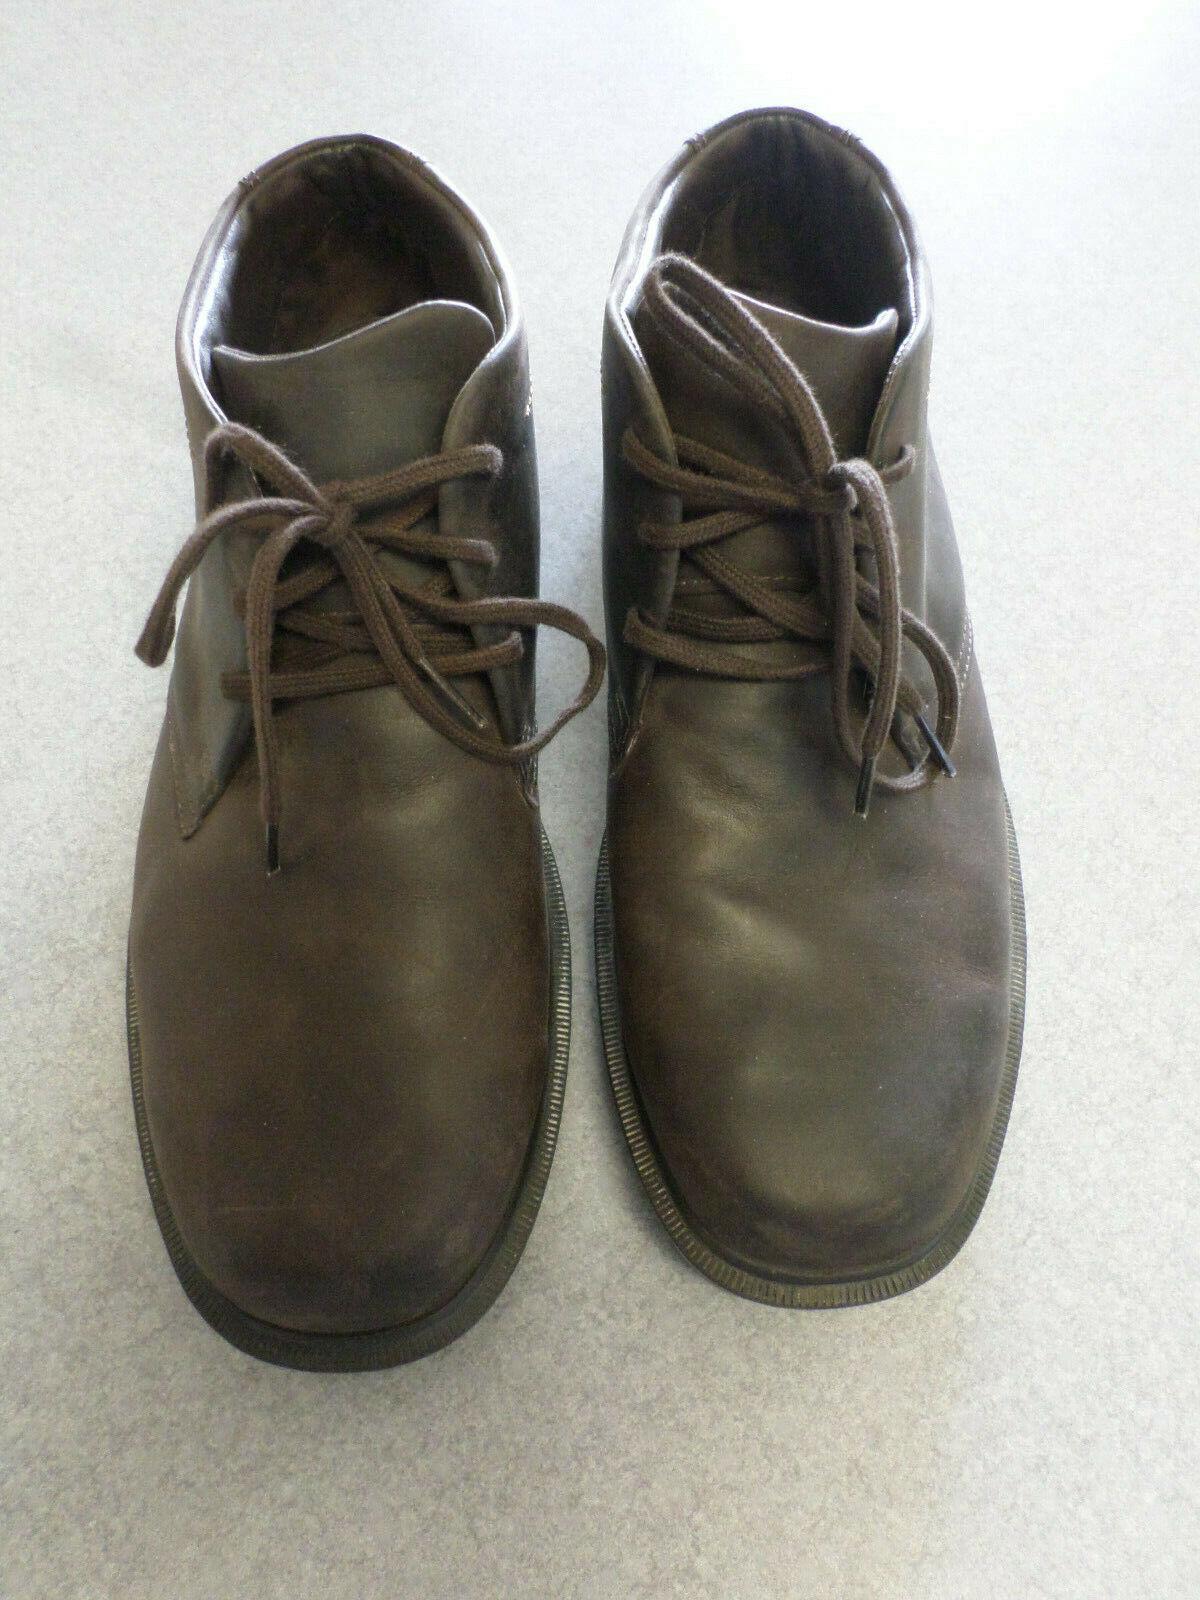 prodotto di qualità SAS  Statesman  dark Marrone leather, ankle stivali, stivali, stivali, Uomo 9 M made in USA  consegna veloce